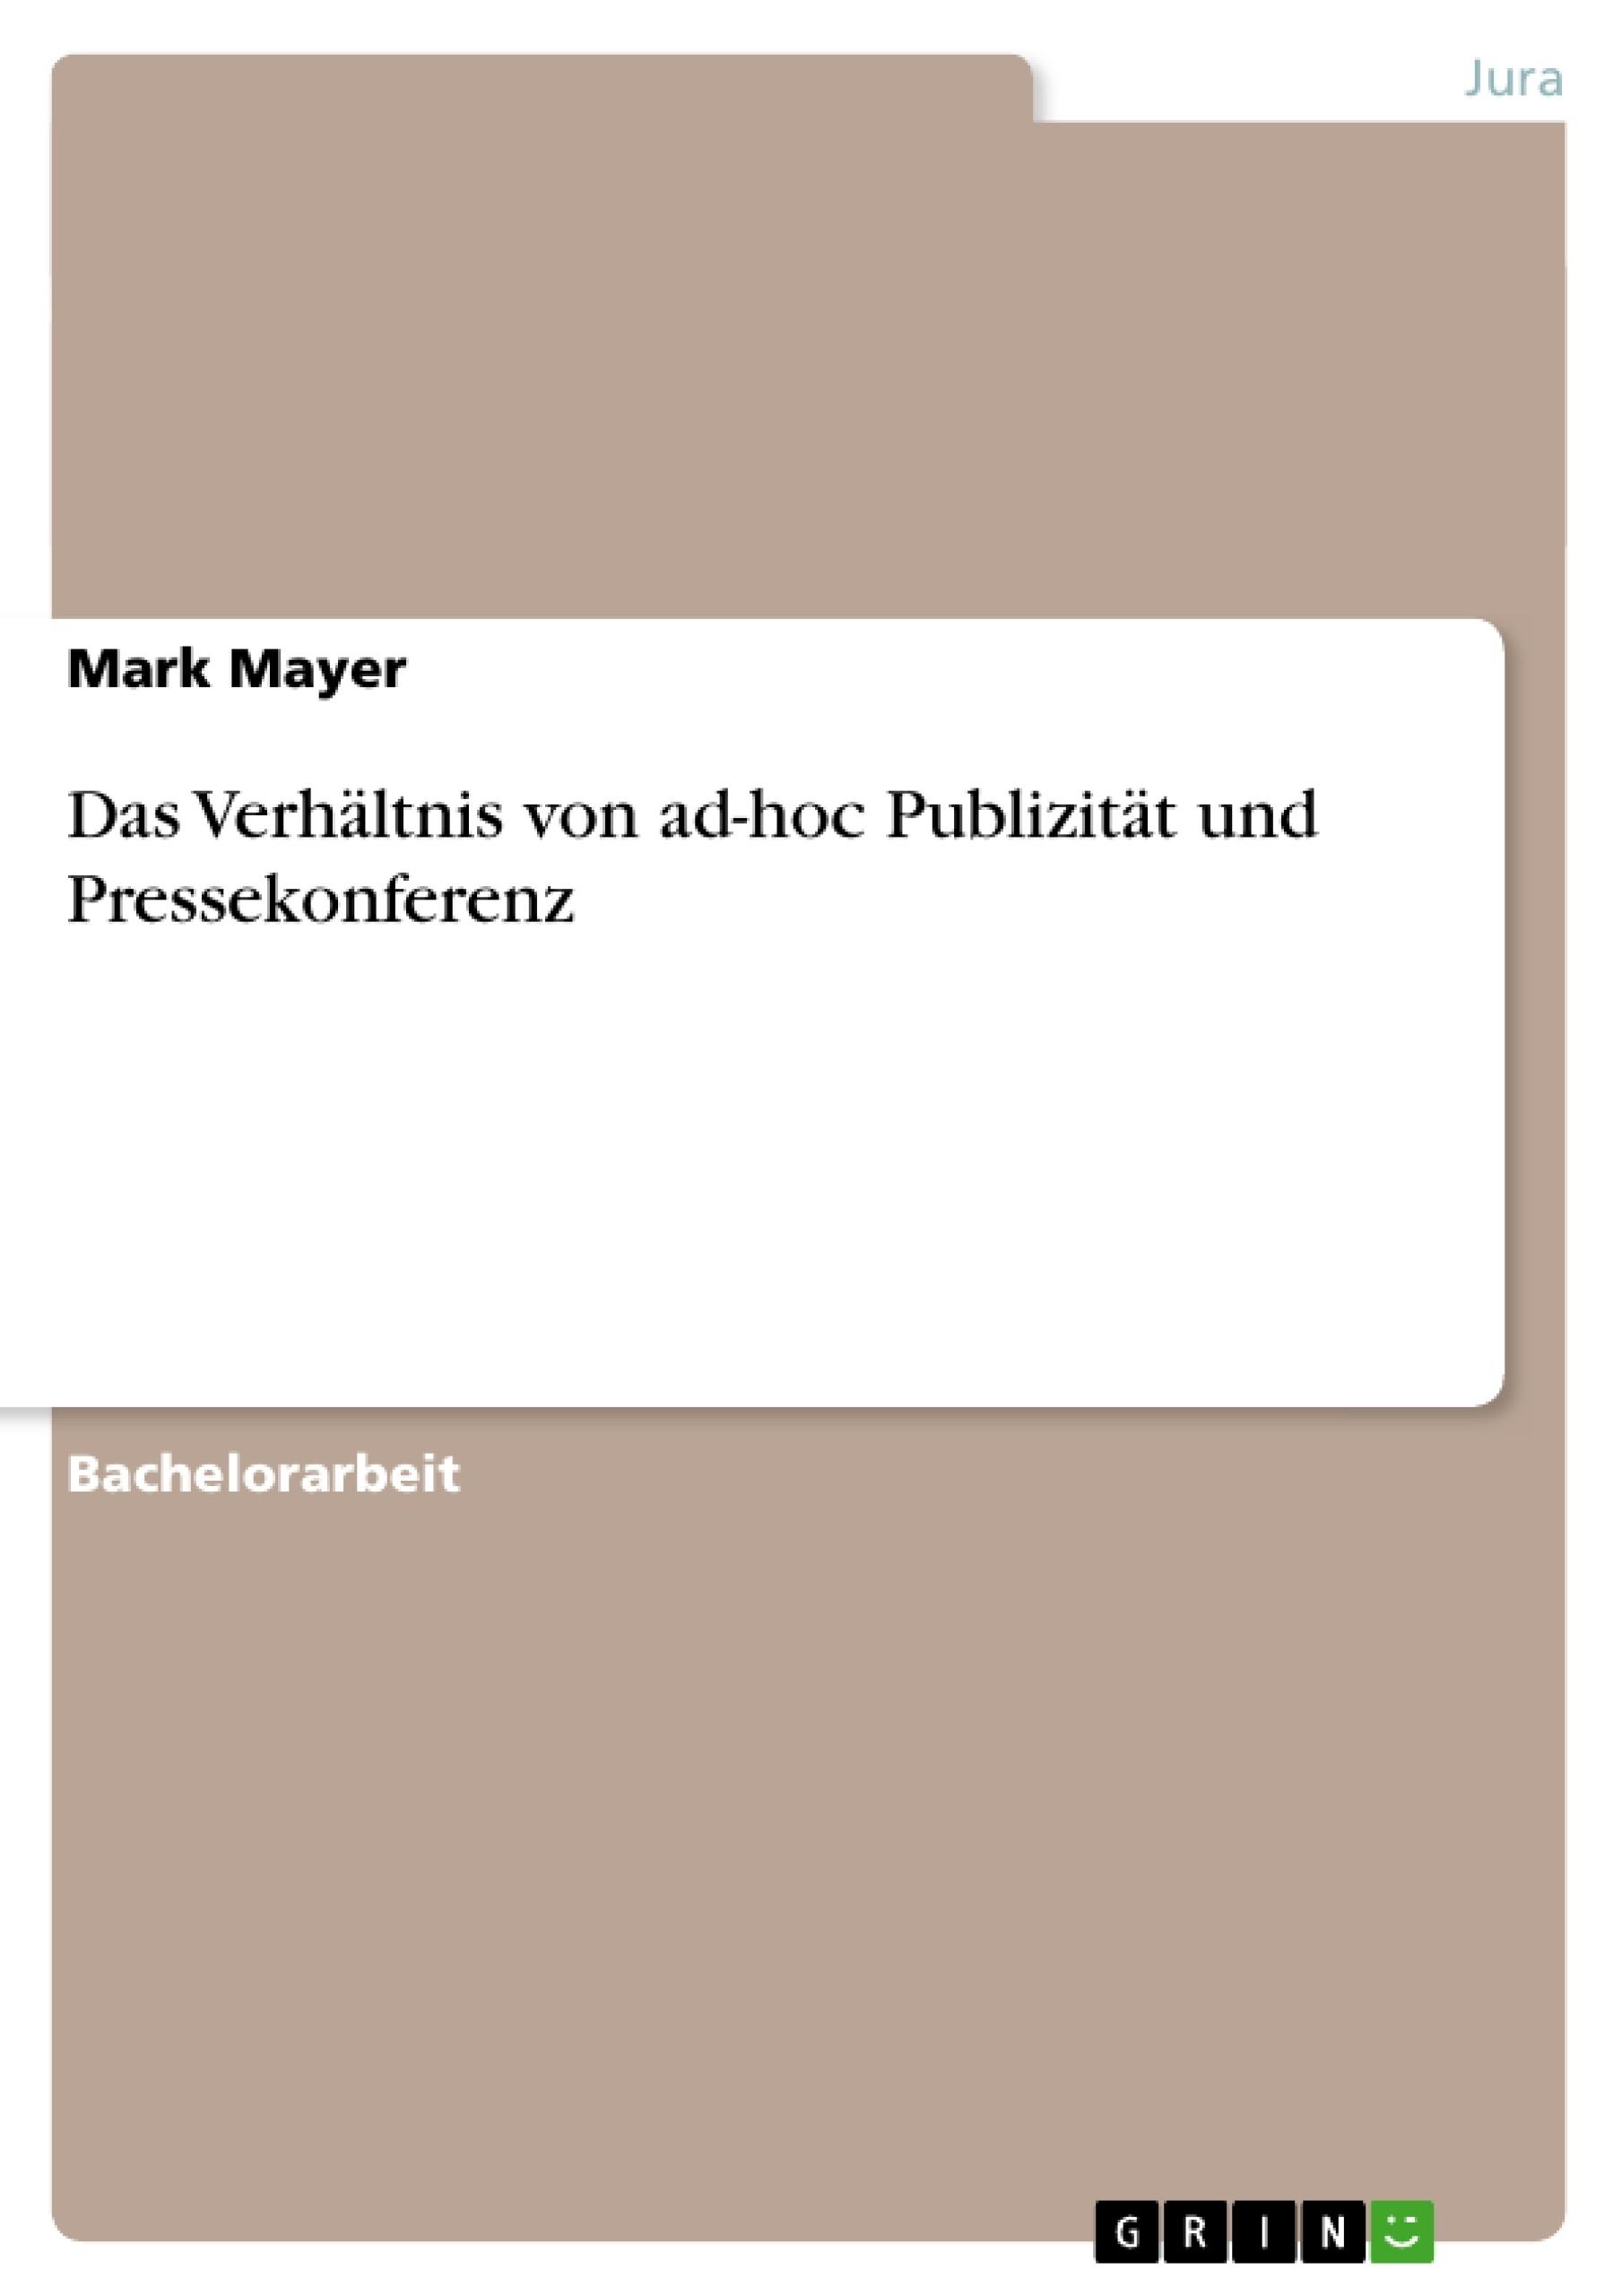 Titel: Das Verhältnis von ad-hoc Publizität und Pressekonferenz